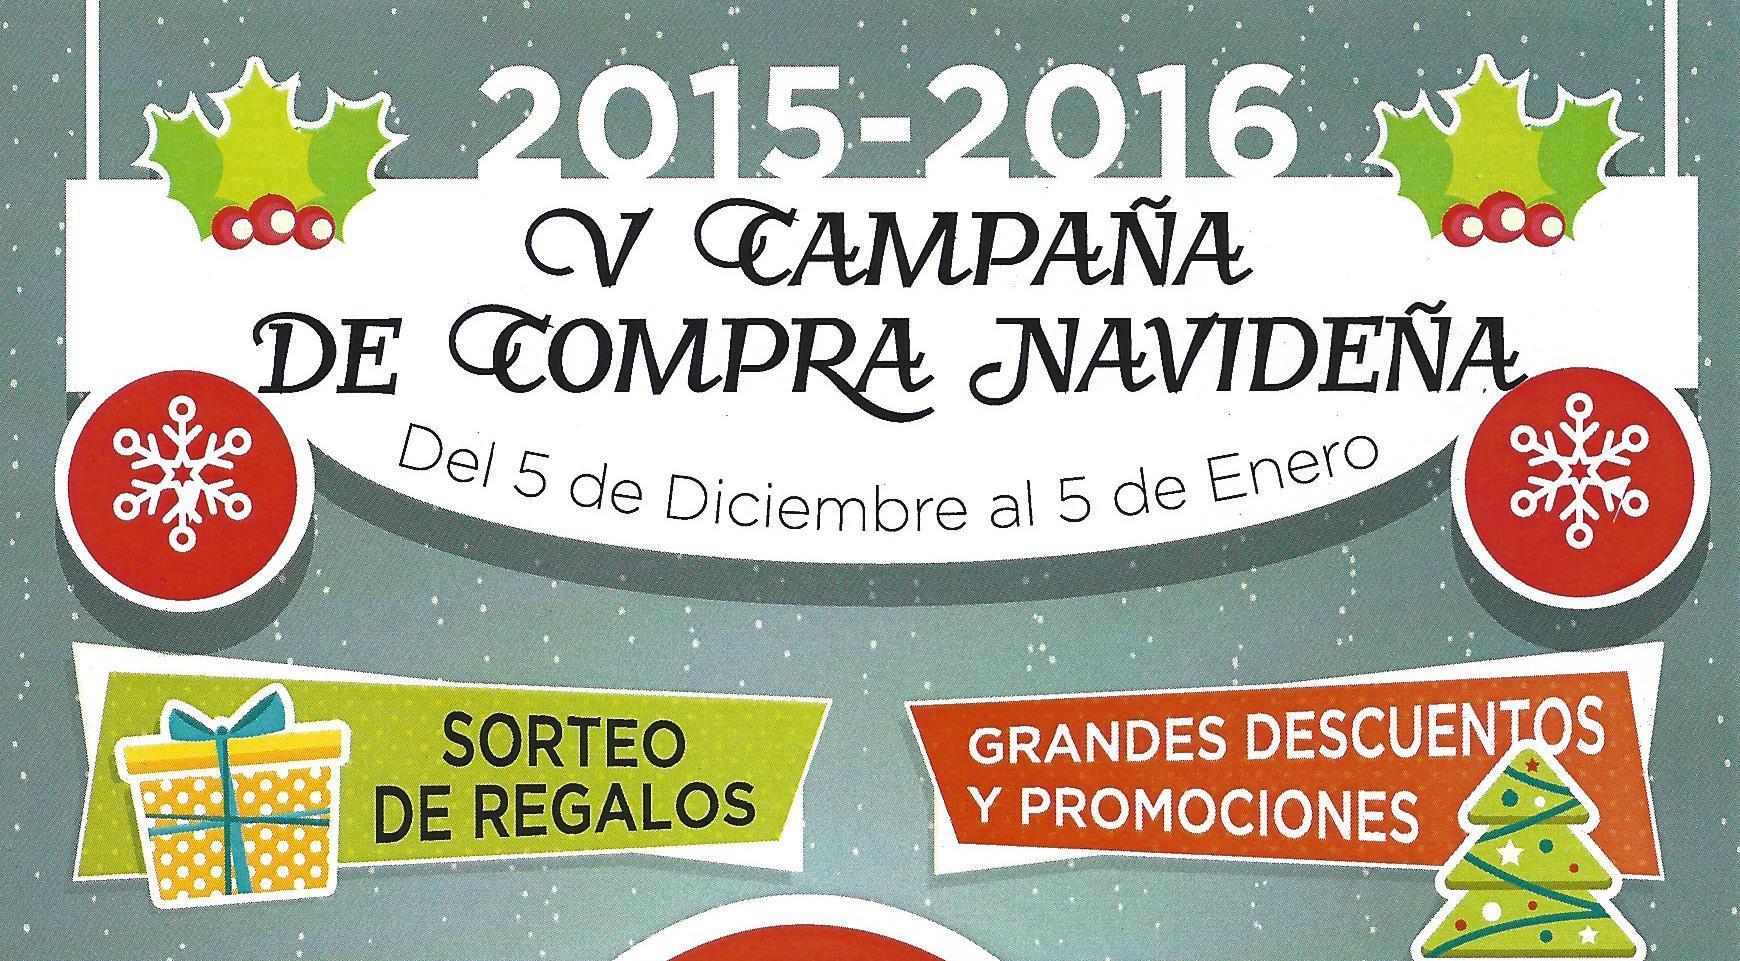 V-campaa-navidea2015-rec1.jpg - 429.75 KB